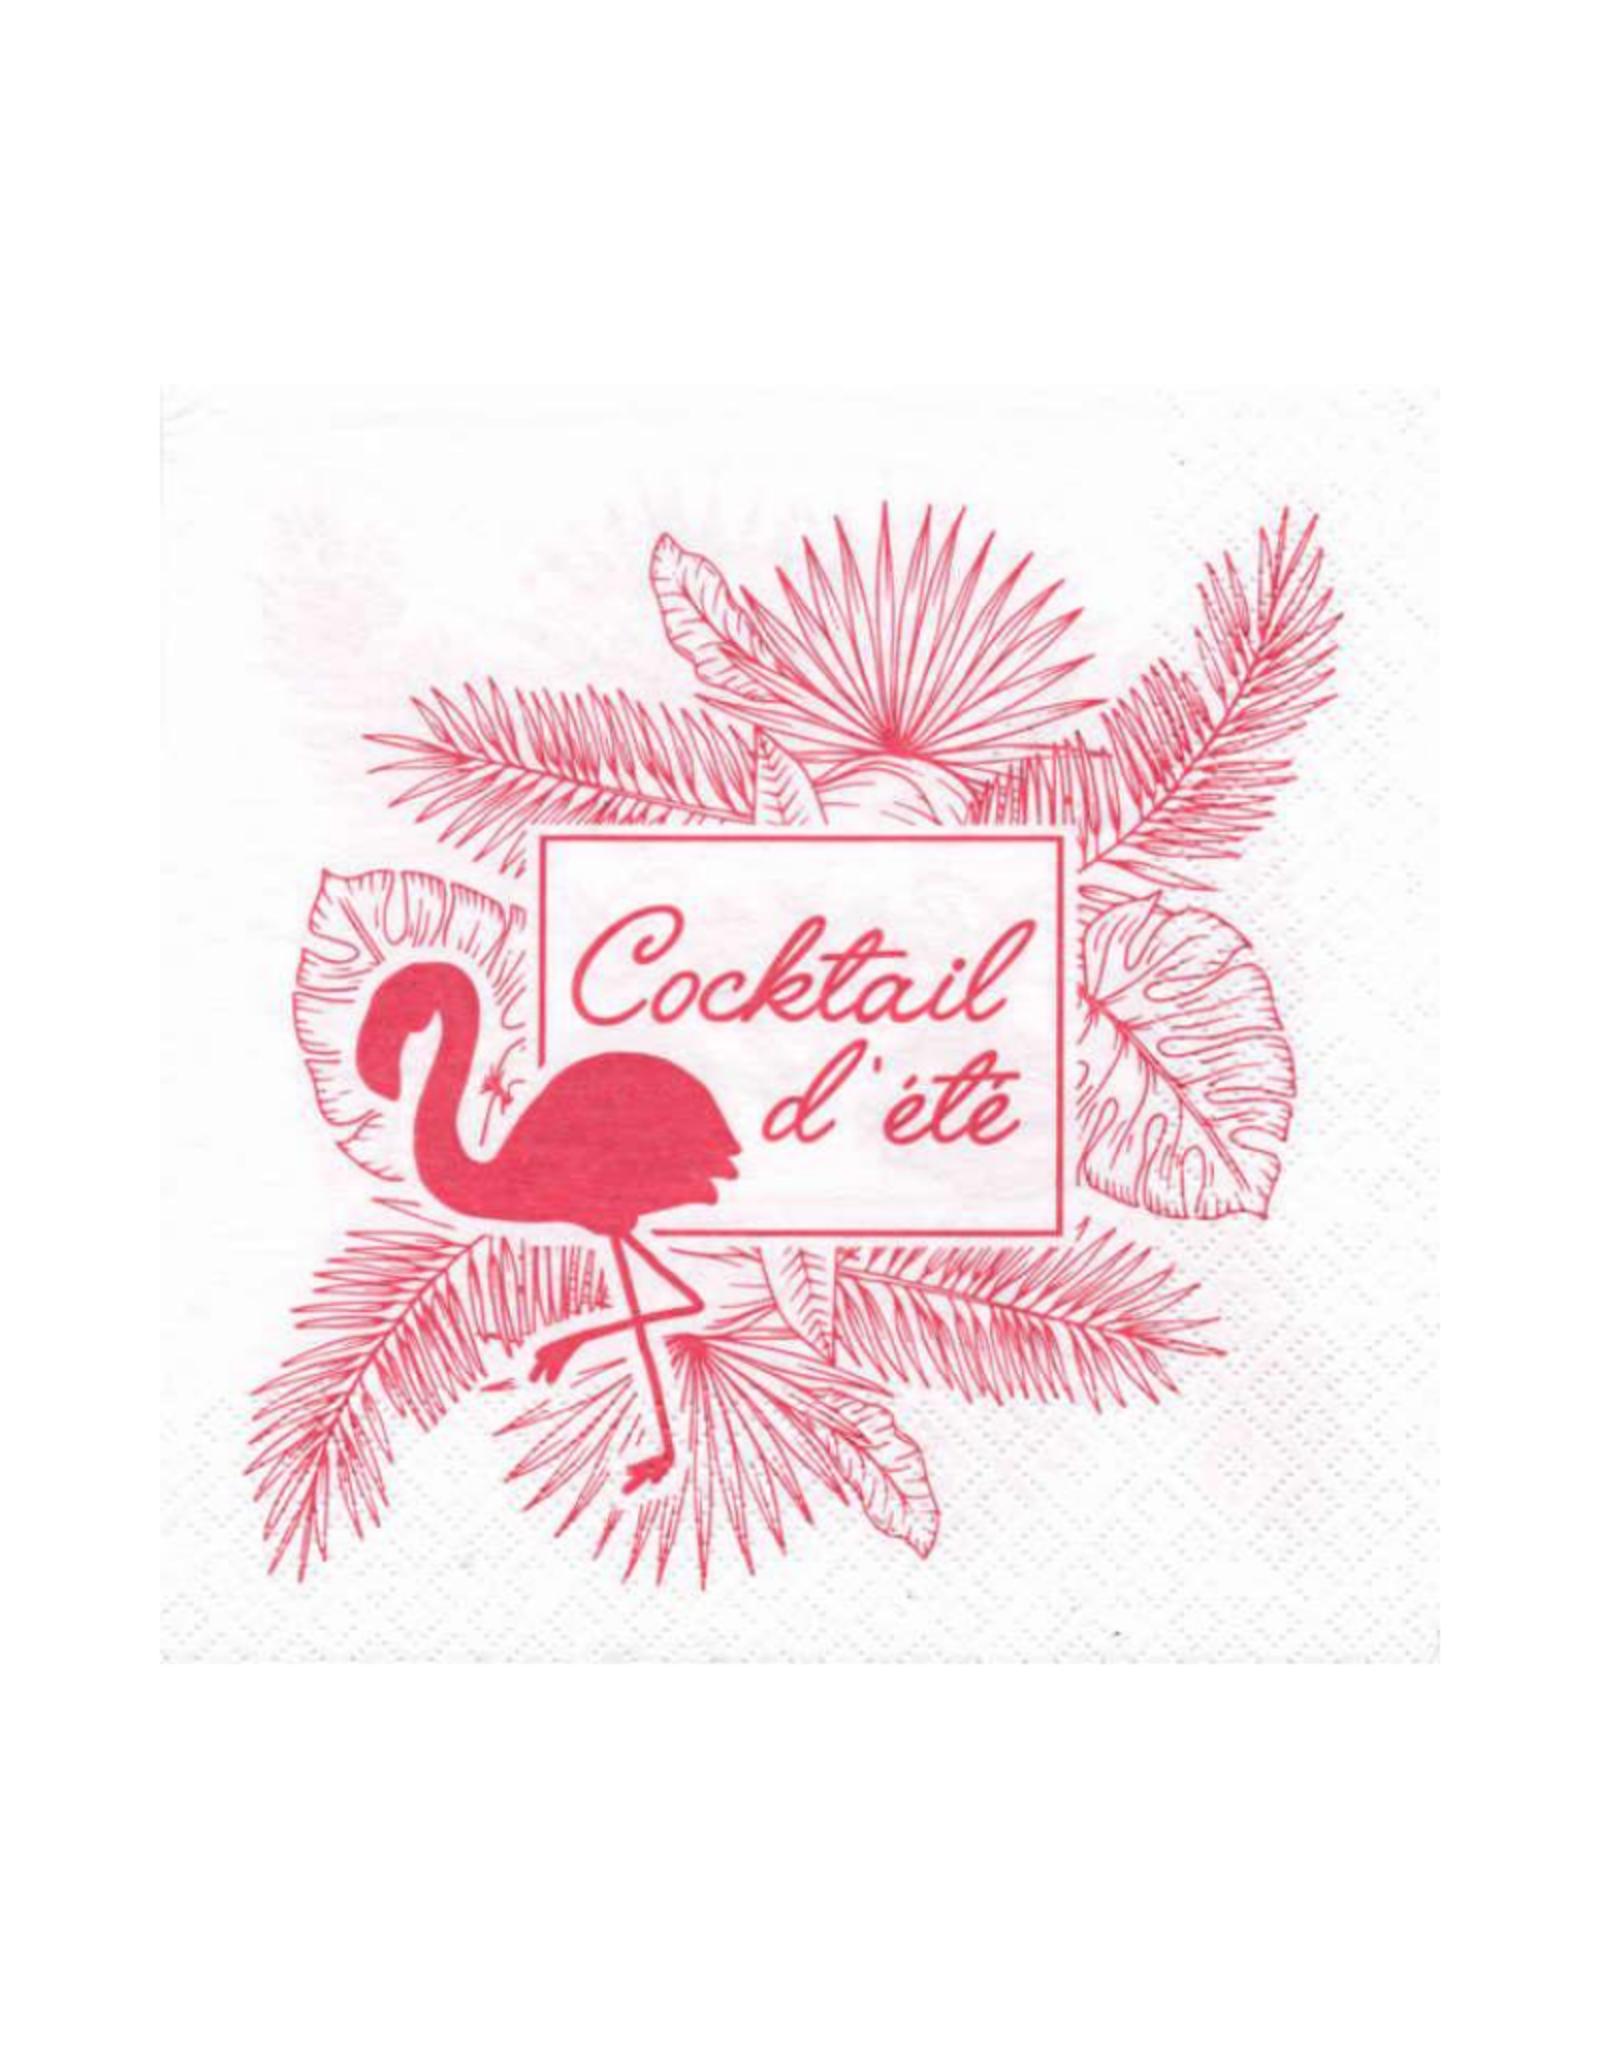 Serviettes en papier - Cocktail d'été